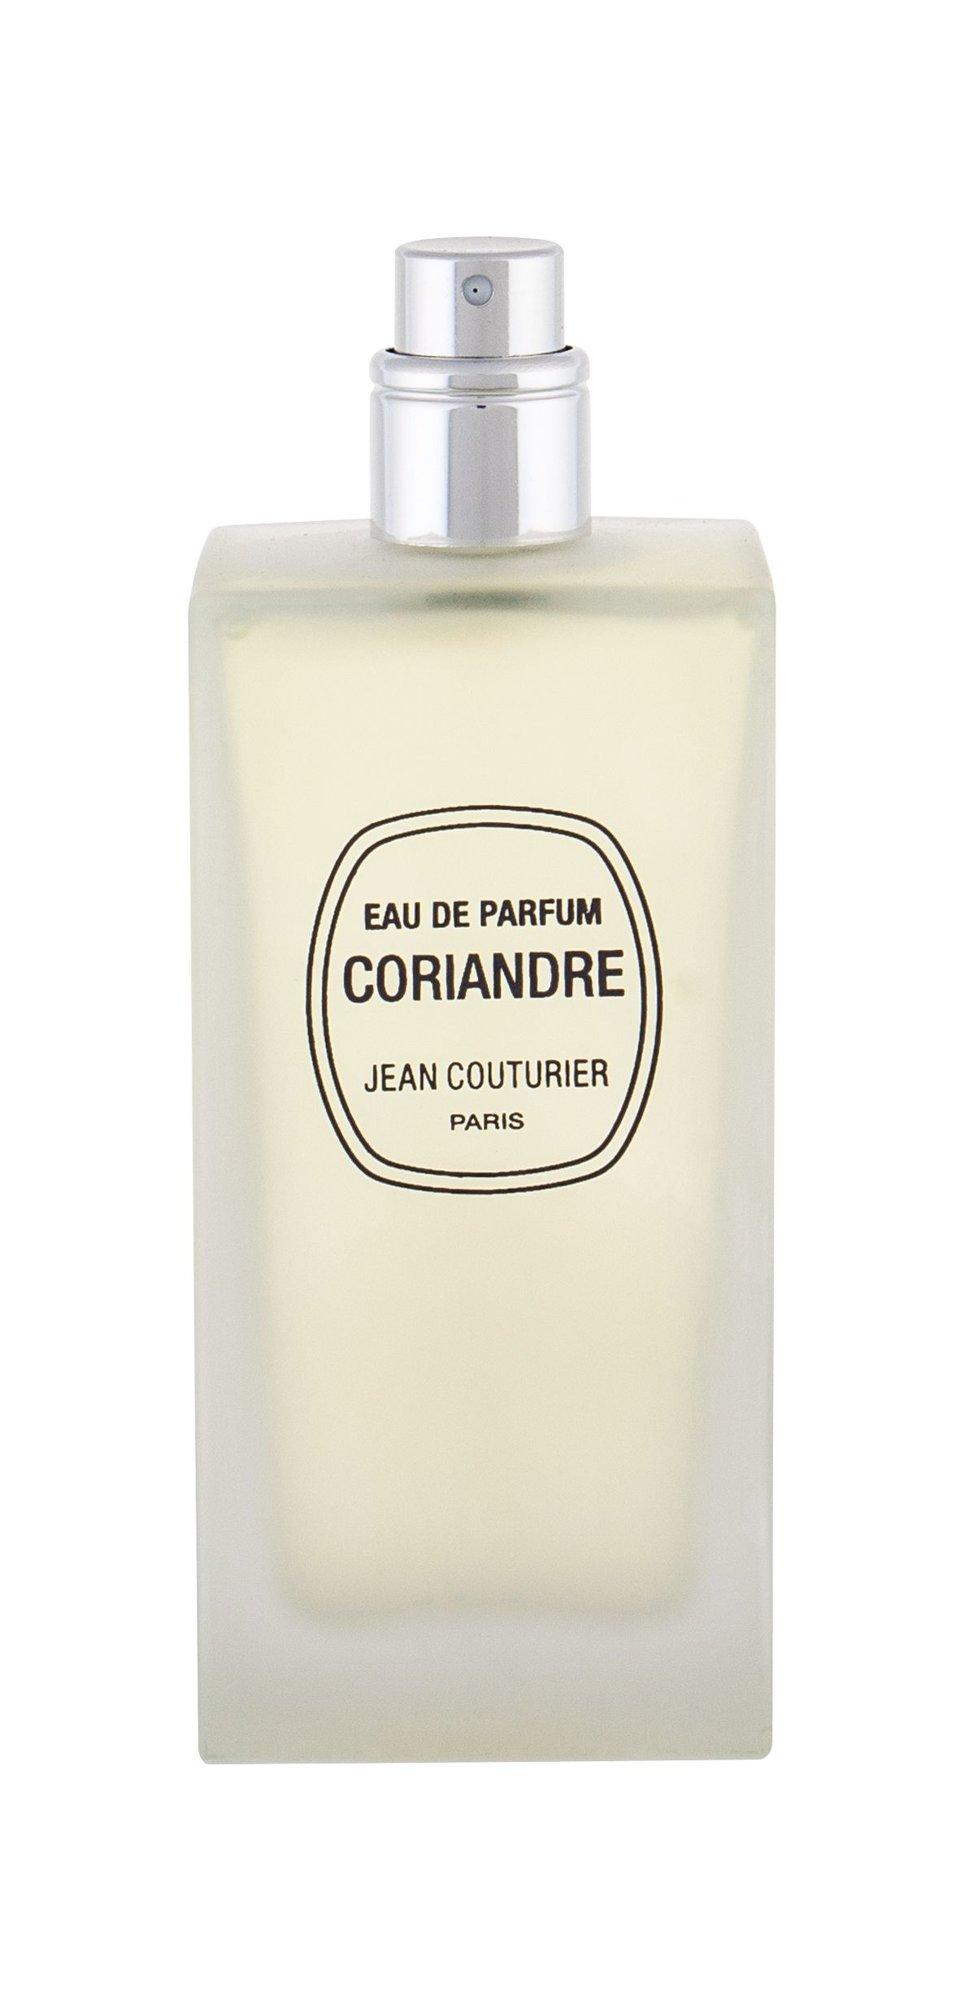 Jean Couturier Coriandre Eau de Parfum 100ml